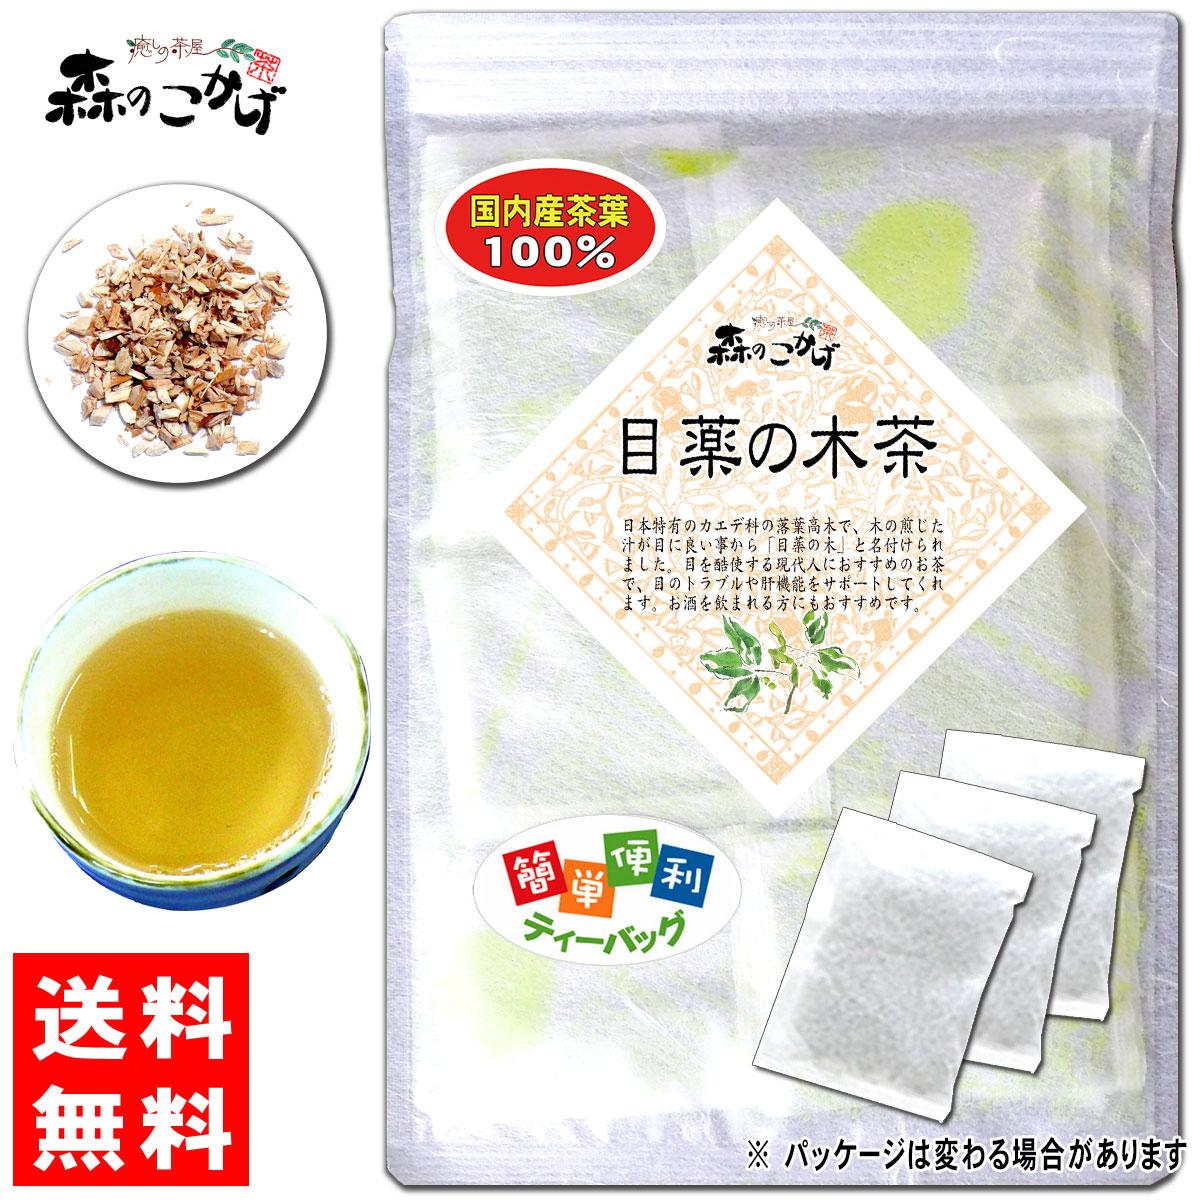 目薬の木茶 (3g×20p) 国産 6【送料無料】 国産 目薬の木茶 (3g×20p) 「ティーバッグ」≪メグスリノキ茶 100%≫ めぐすりのきちゃ 森のこかげ 健やかハウス